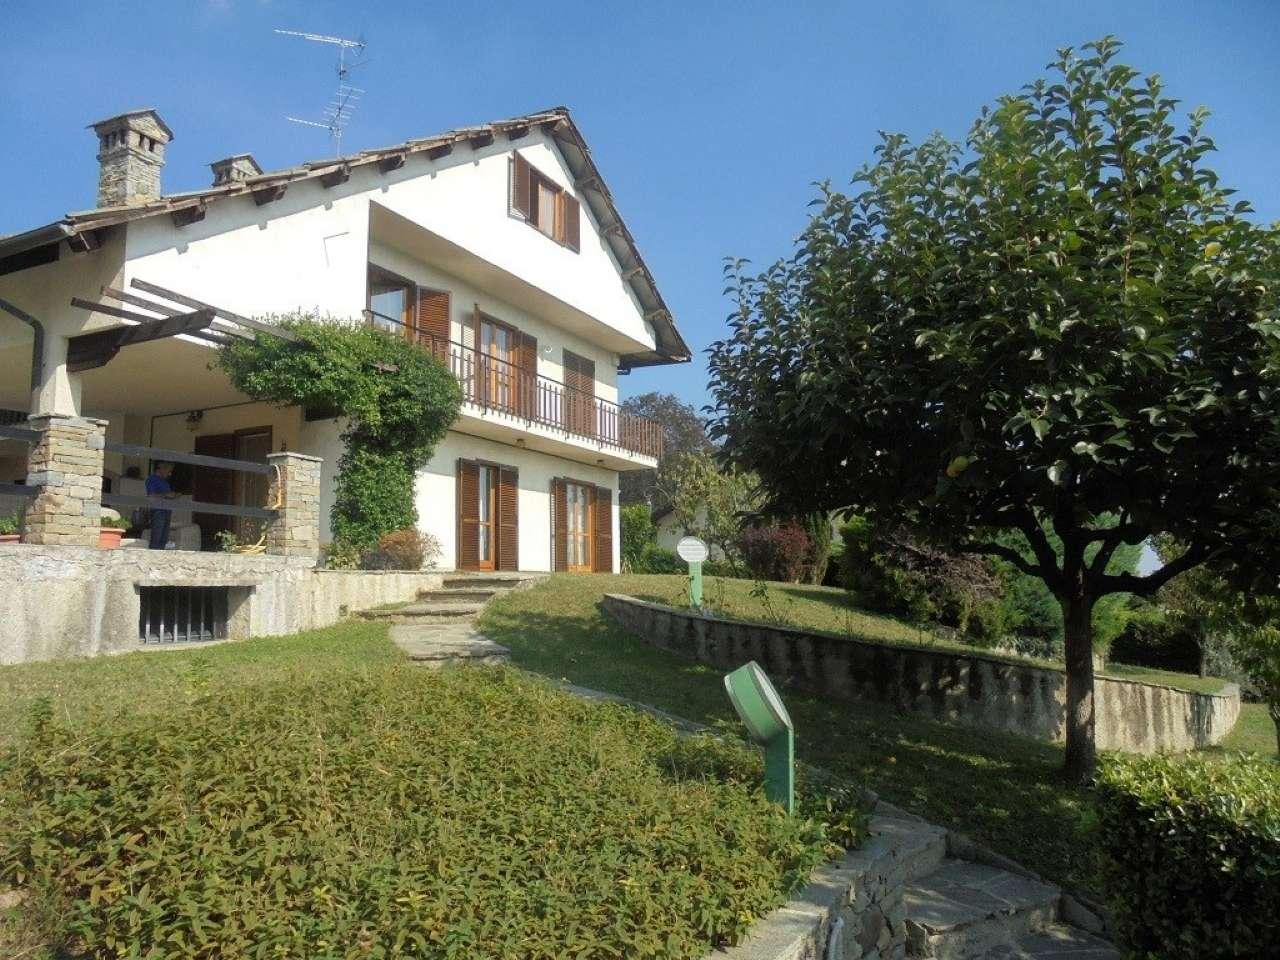 Appartamento in vendita a Almese, 10 locali, prezzo € 569.000 | PortaleAgenzieImmobiliari.it